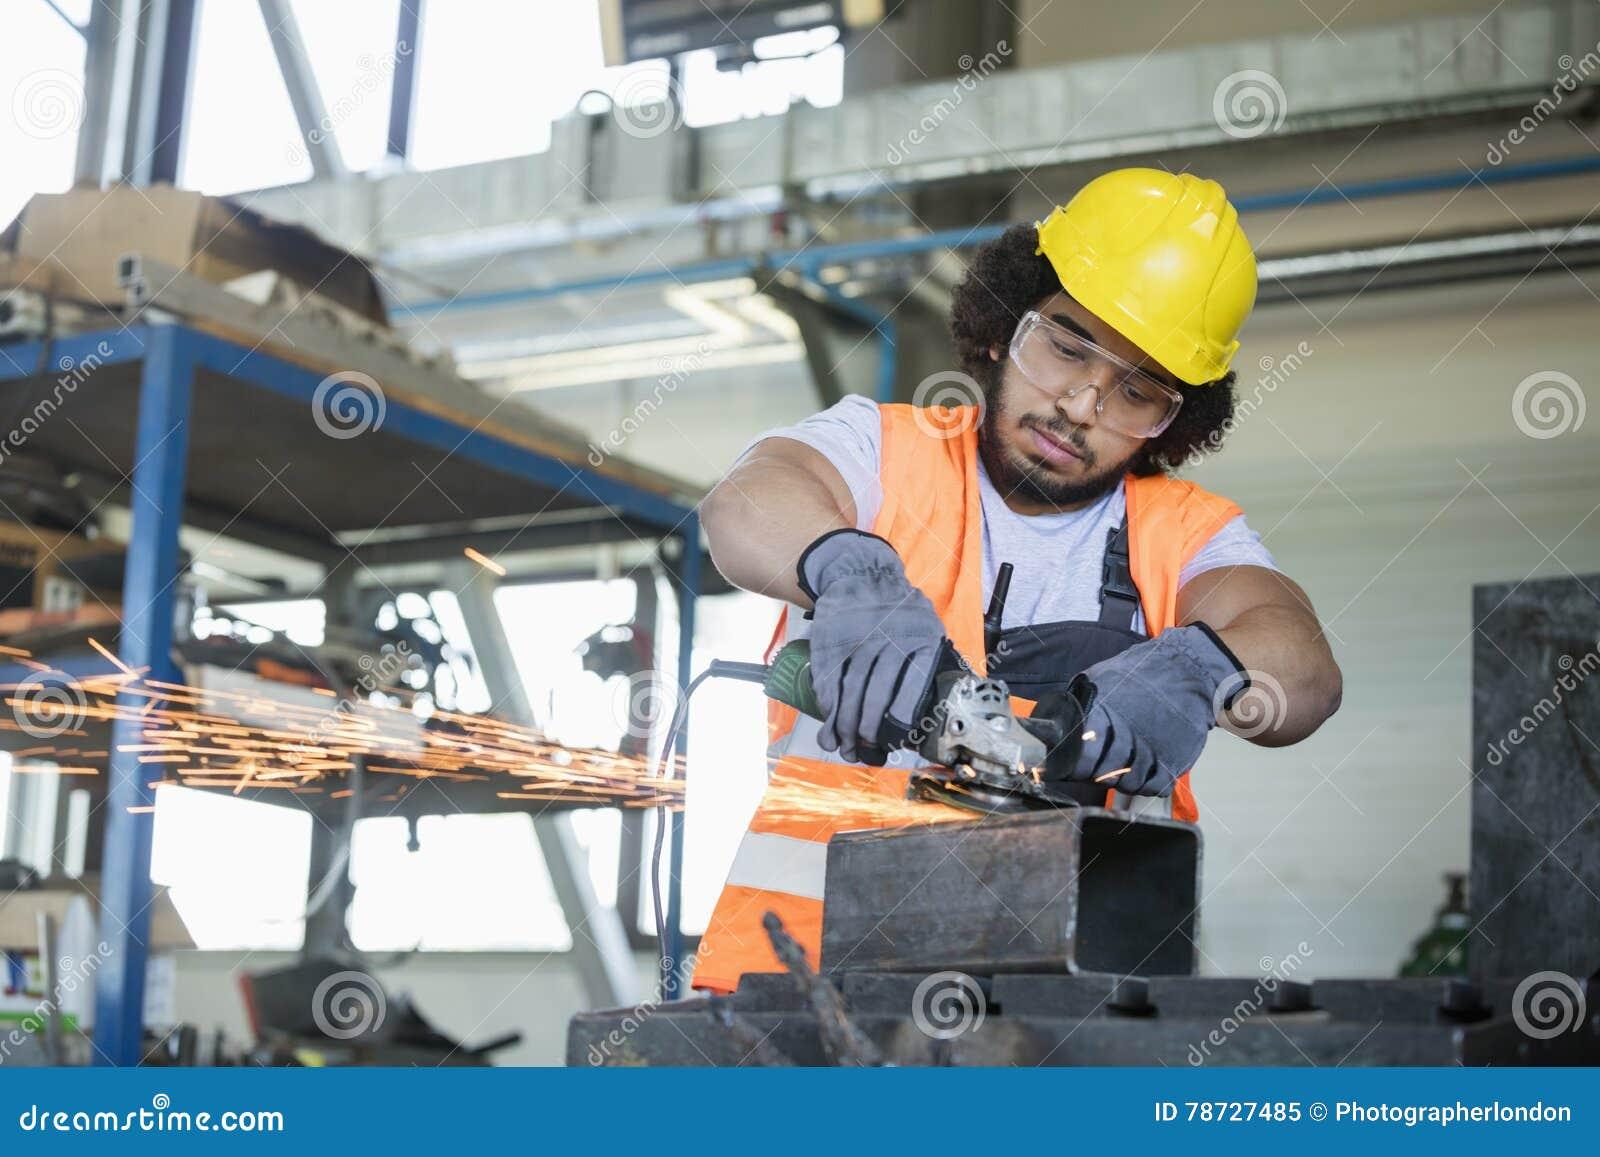 Ung manuell arbetare i skyddande workwearklippmetall i bransch